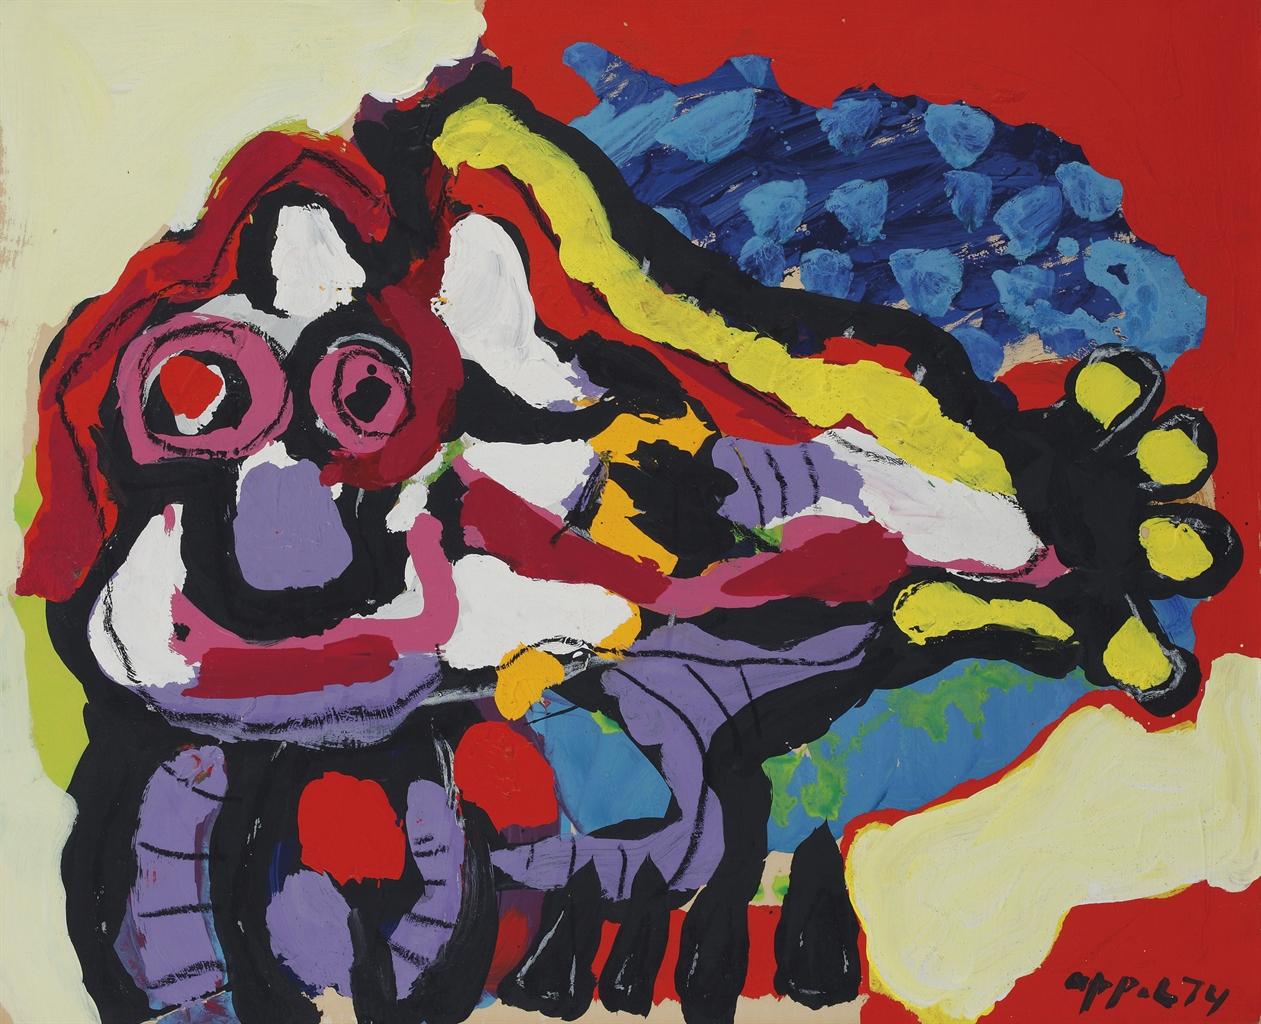 Karel Appel-Het Zonnige Dier (The Sunny Animal)-1974